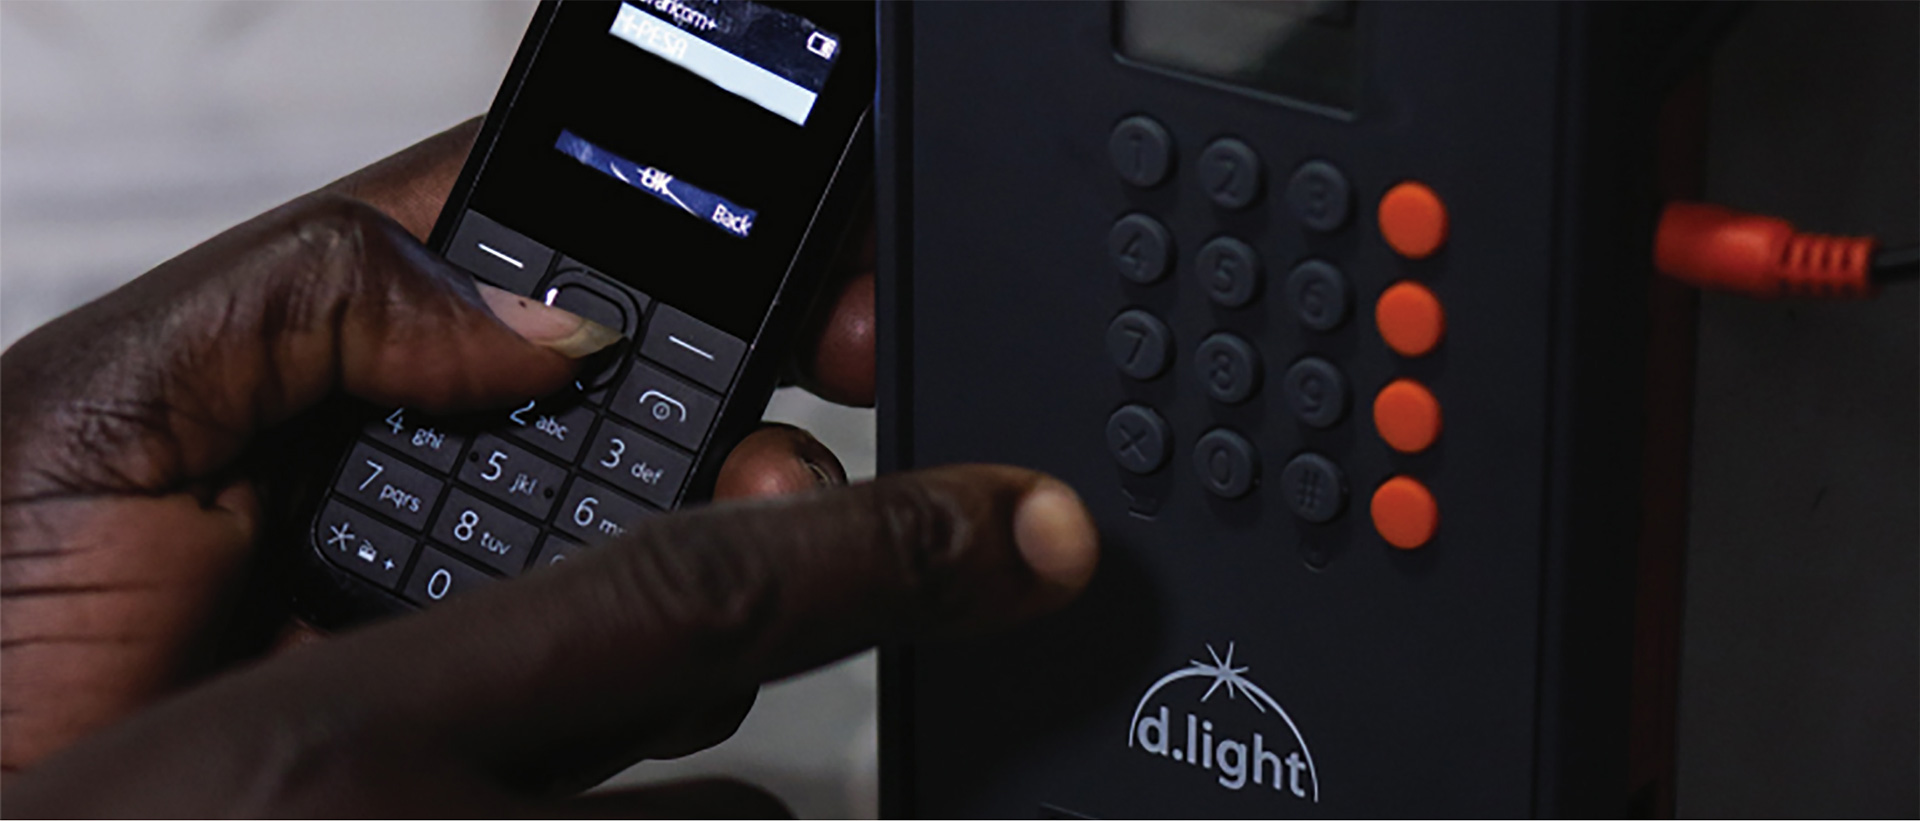 Dlight Solar